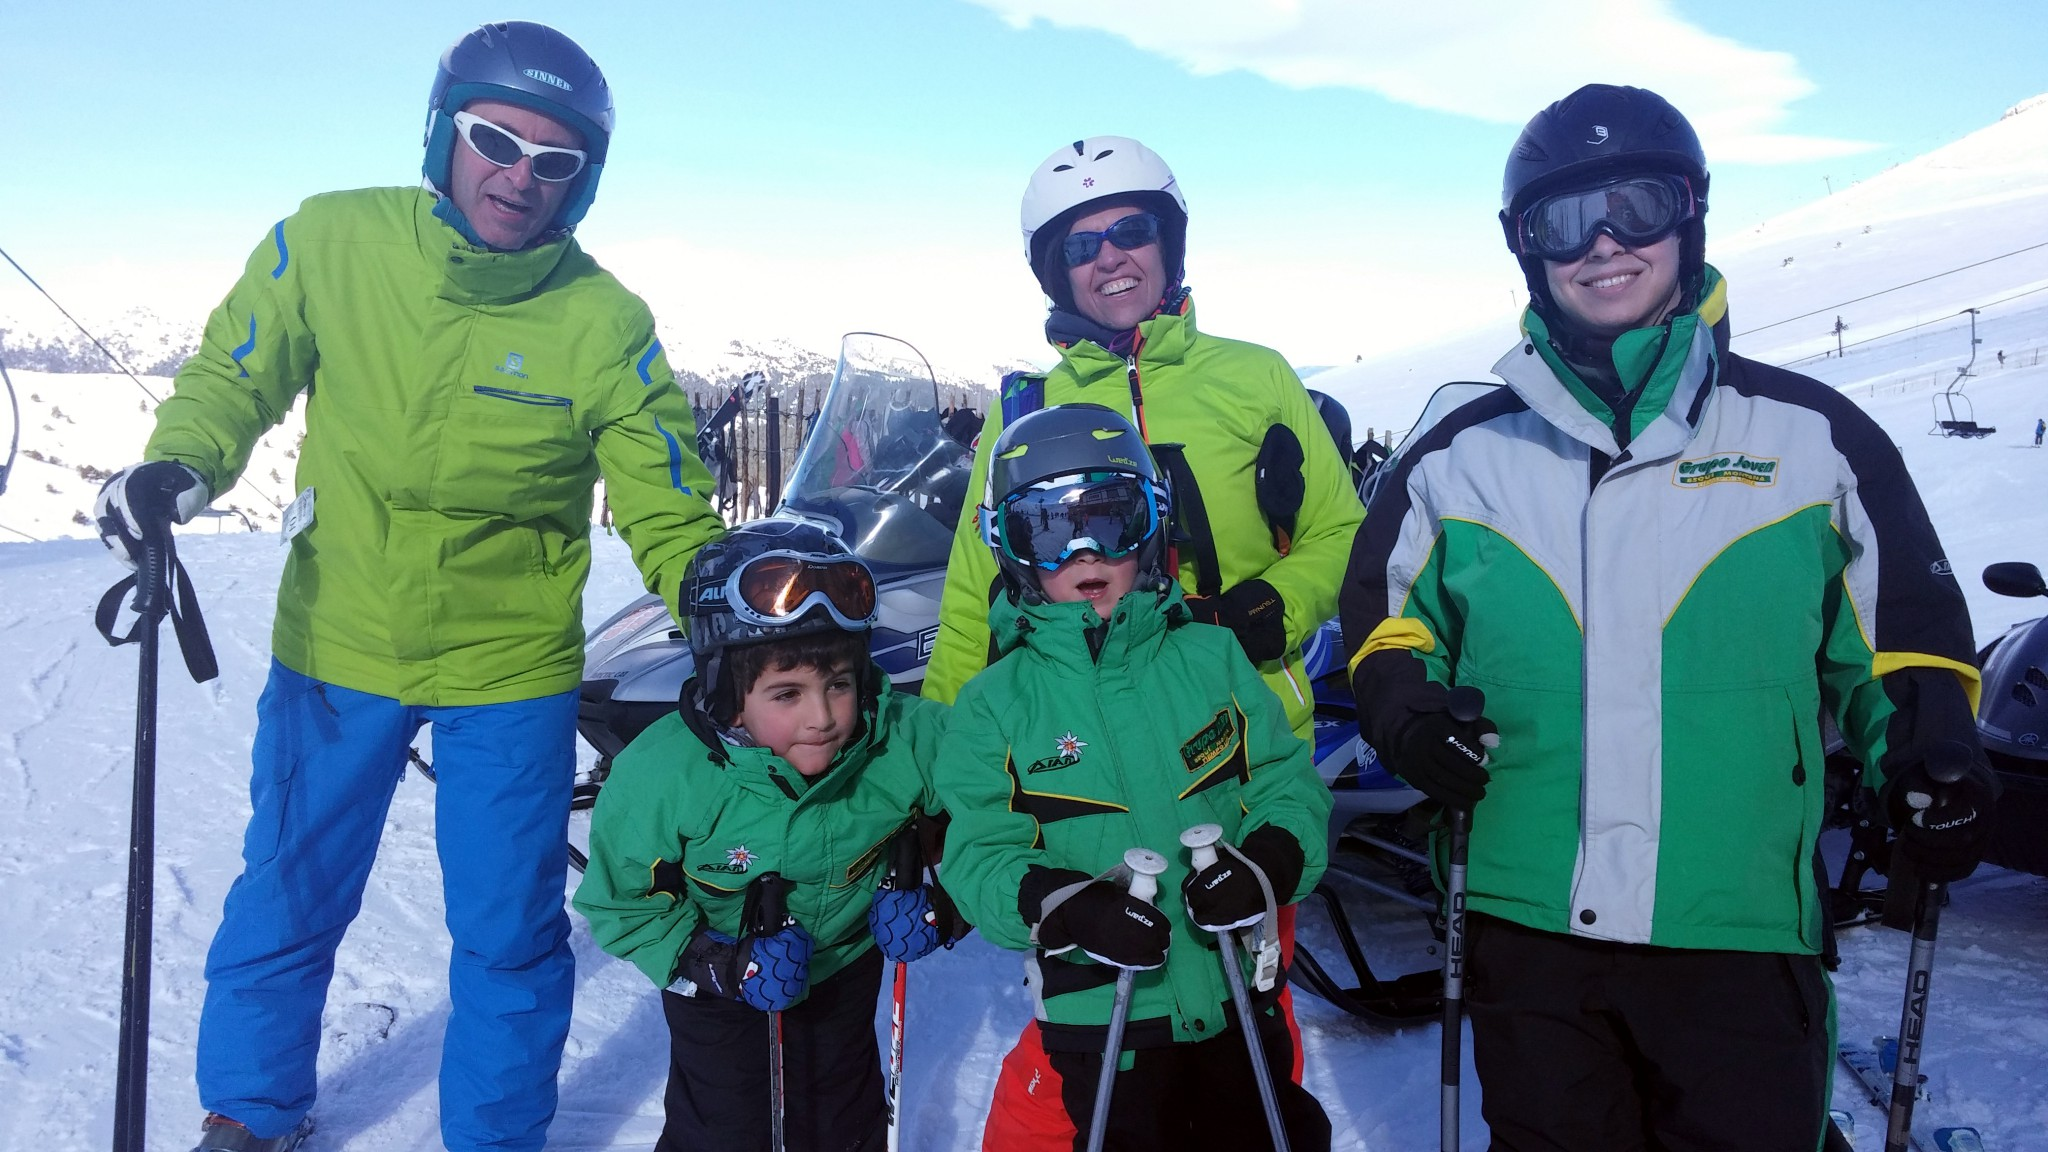 Cursos de esquí para familias en Madrid | Tarifa plana padres